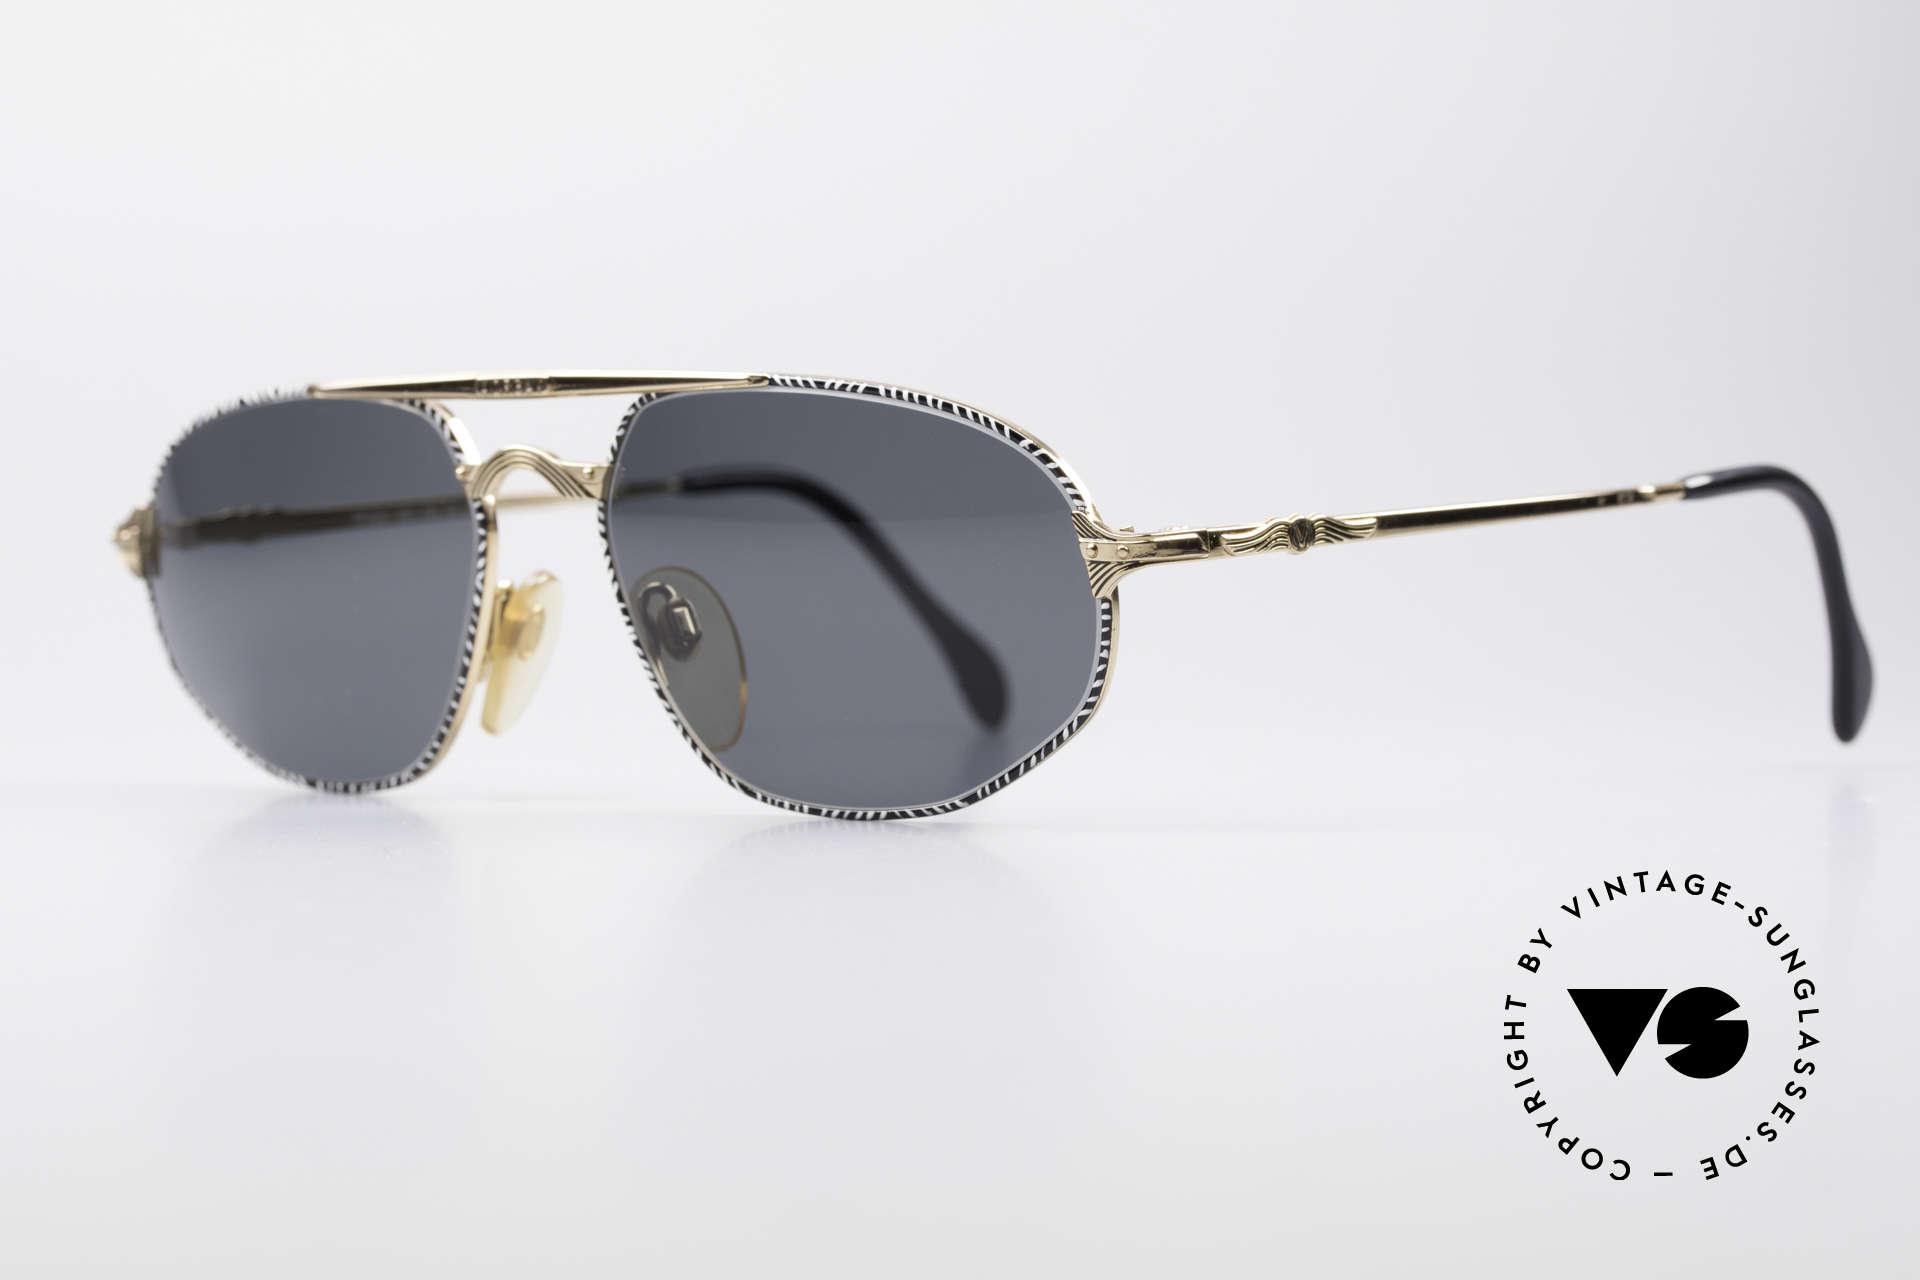 Morgan Motors 804 Oldtimer Sonnenbrille, sehr edel & reich an Details (wie die herrlichen Autos), Passend für Herren